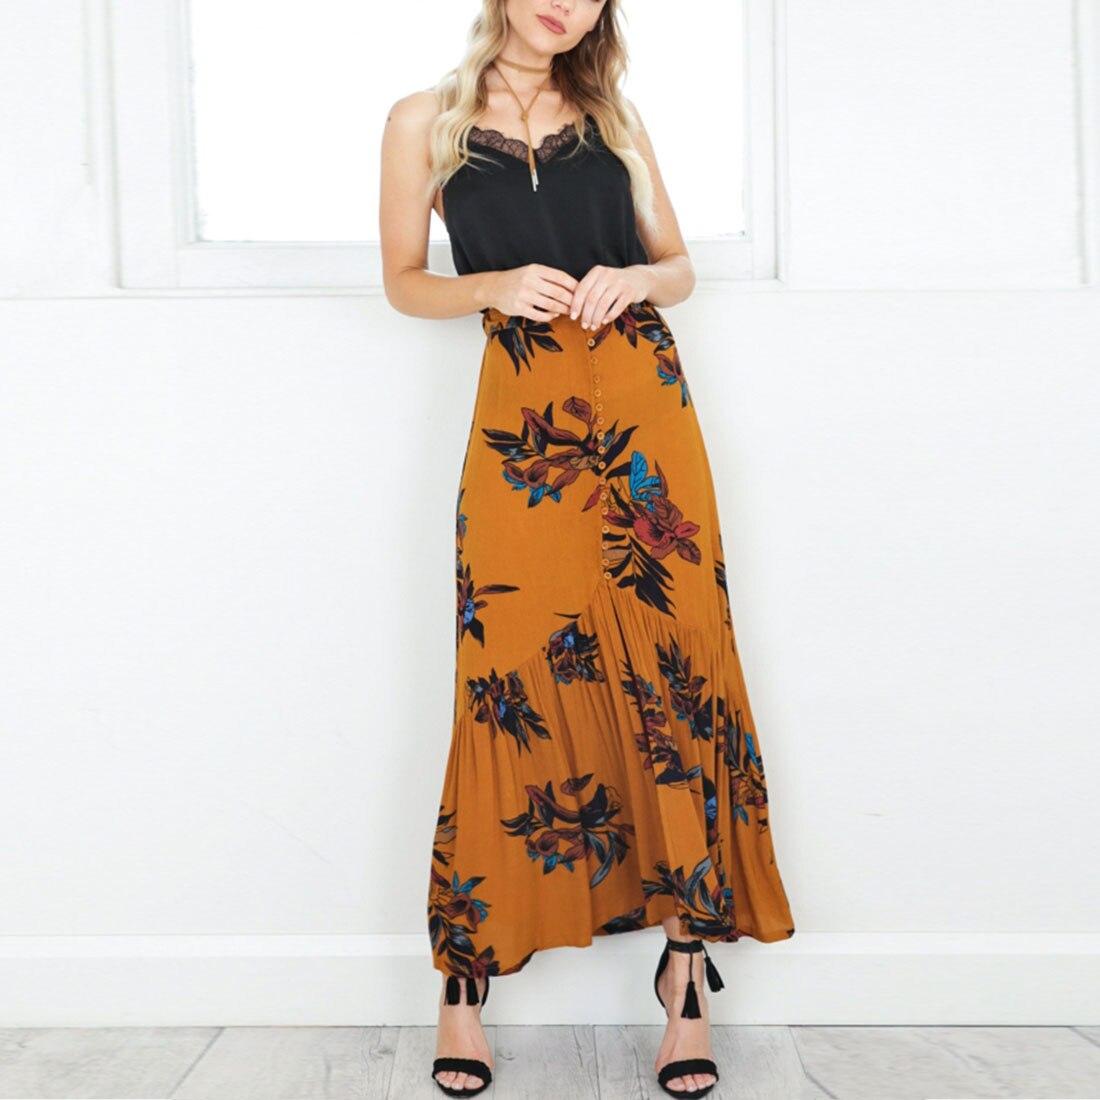 джинсовая юбка большого размера купить украина